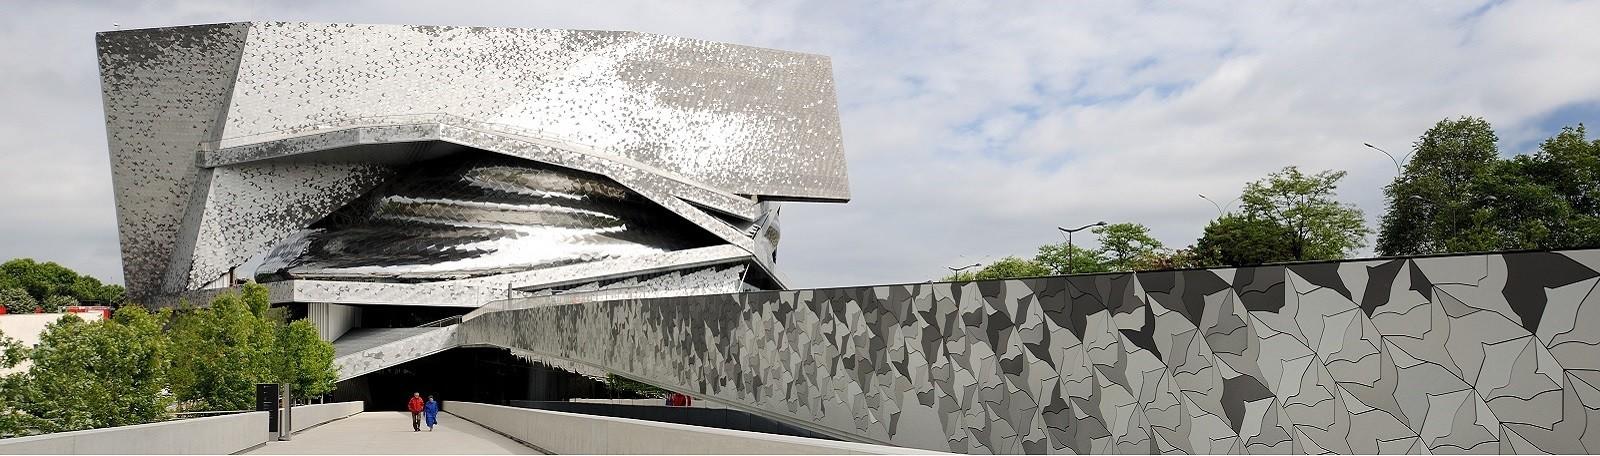 Q-Park Philharmonie - 185 Boulevard Sérurier (Porte de Pantin) 75019 Paris